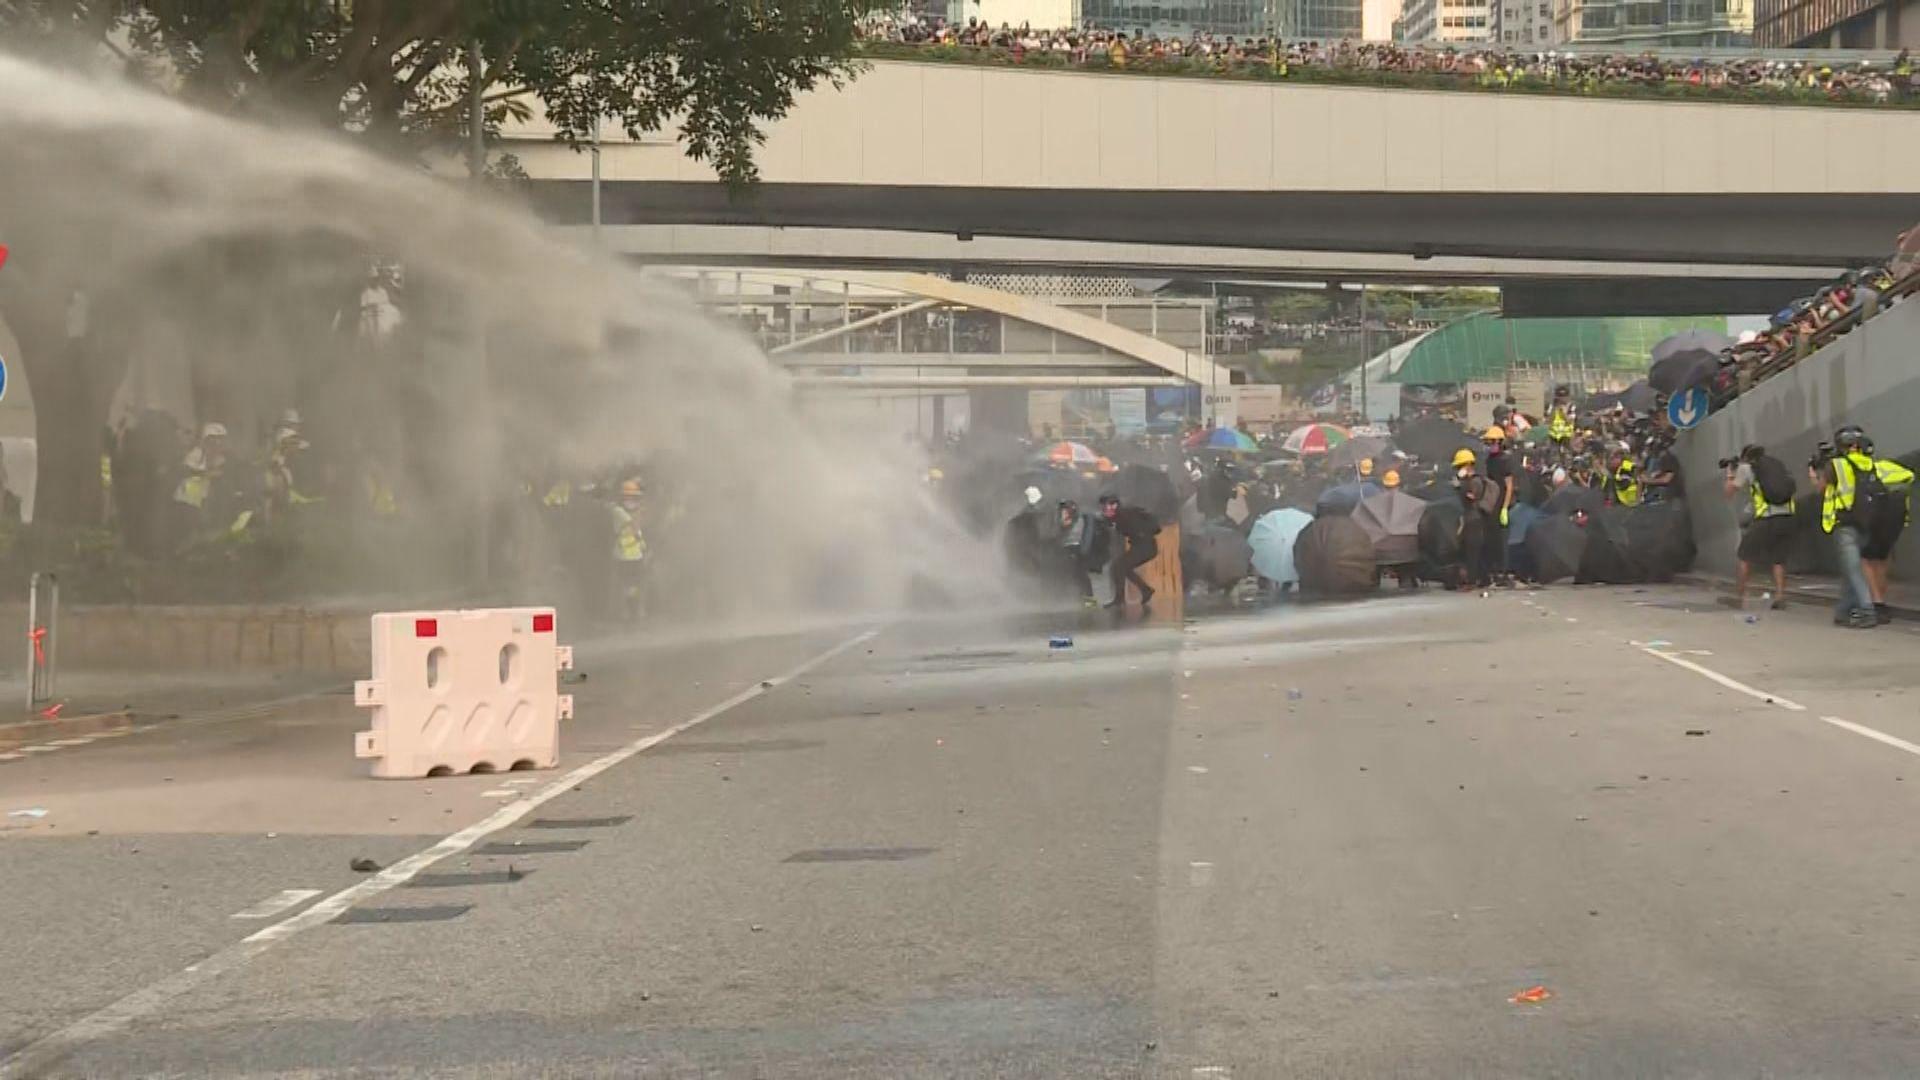 示威者政總外擲汽油彈 警出動水炮車